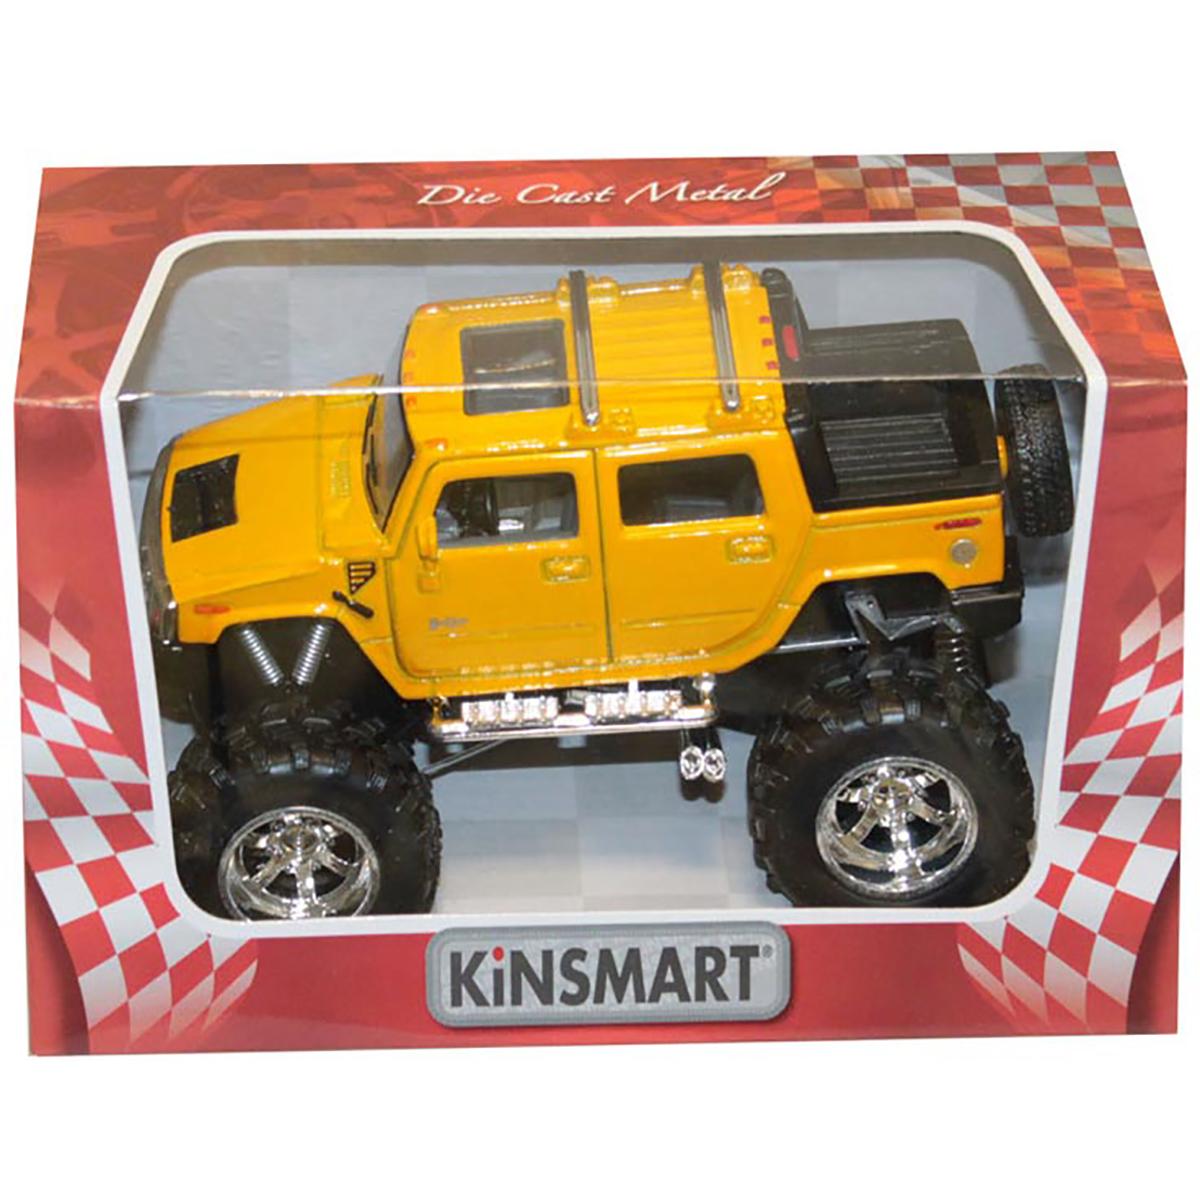 Masinuta metalica de off-road Kinsmart, Hummer, Galben